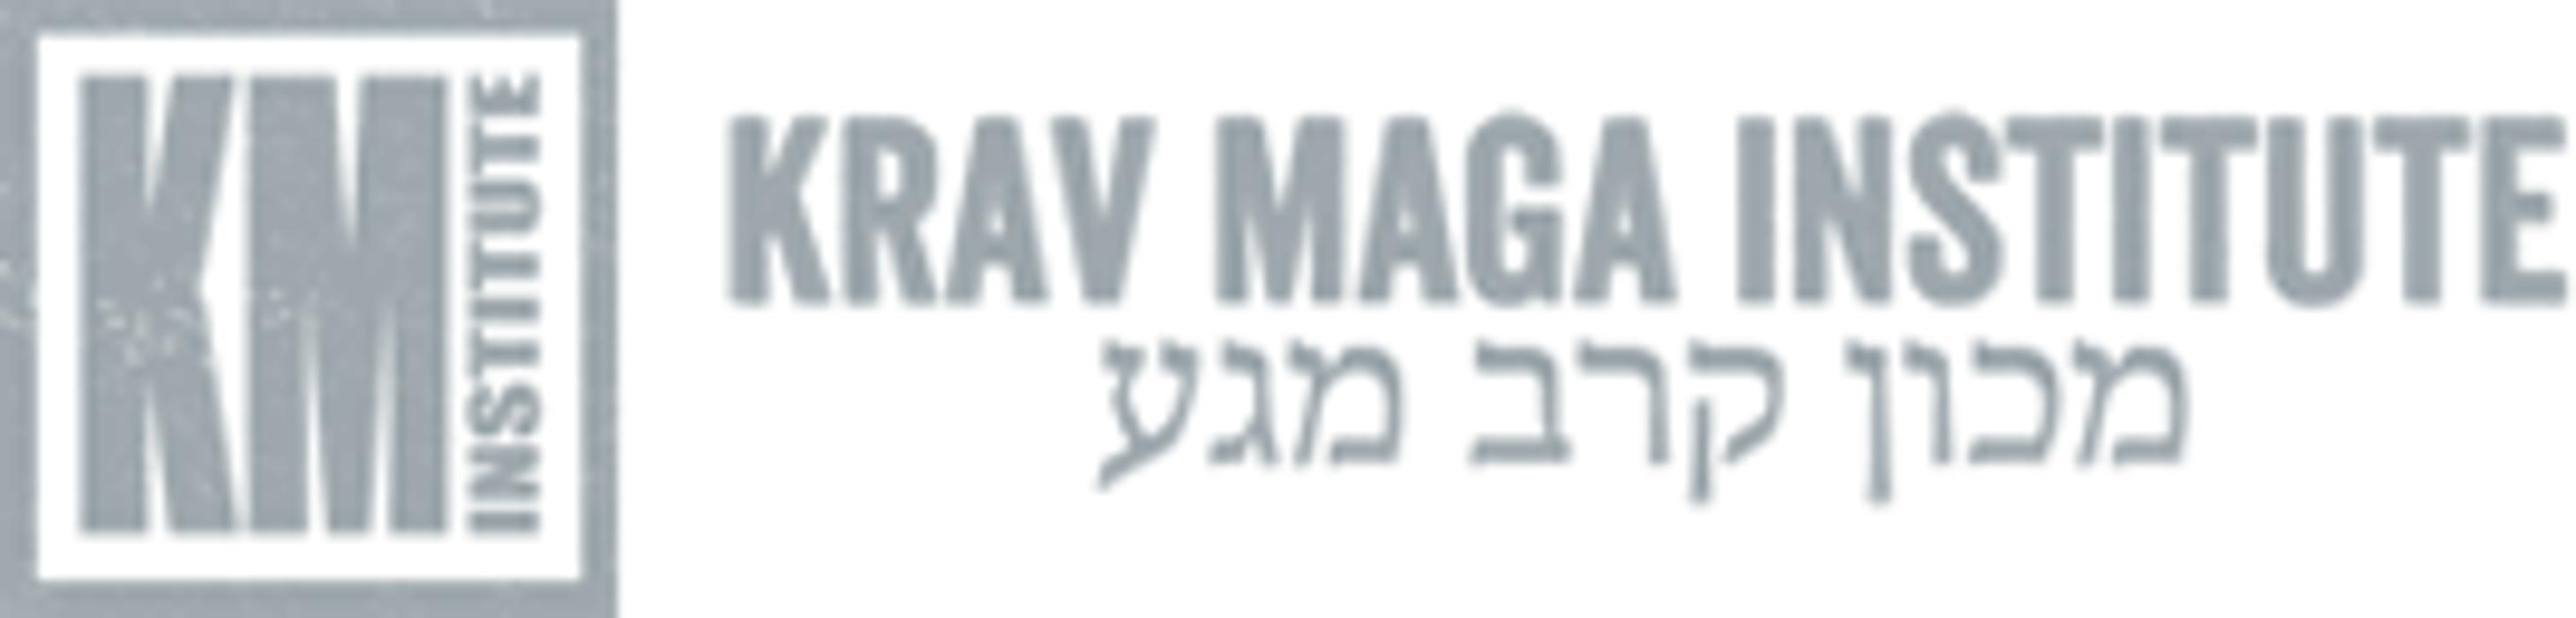 Krav Maga Institute NYC - New York, NY